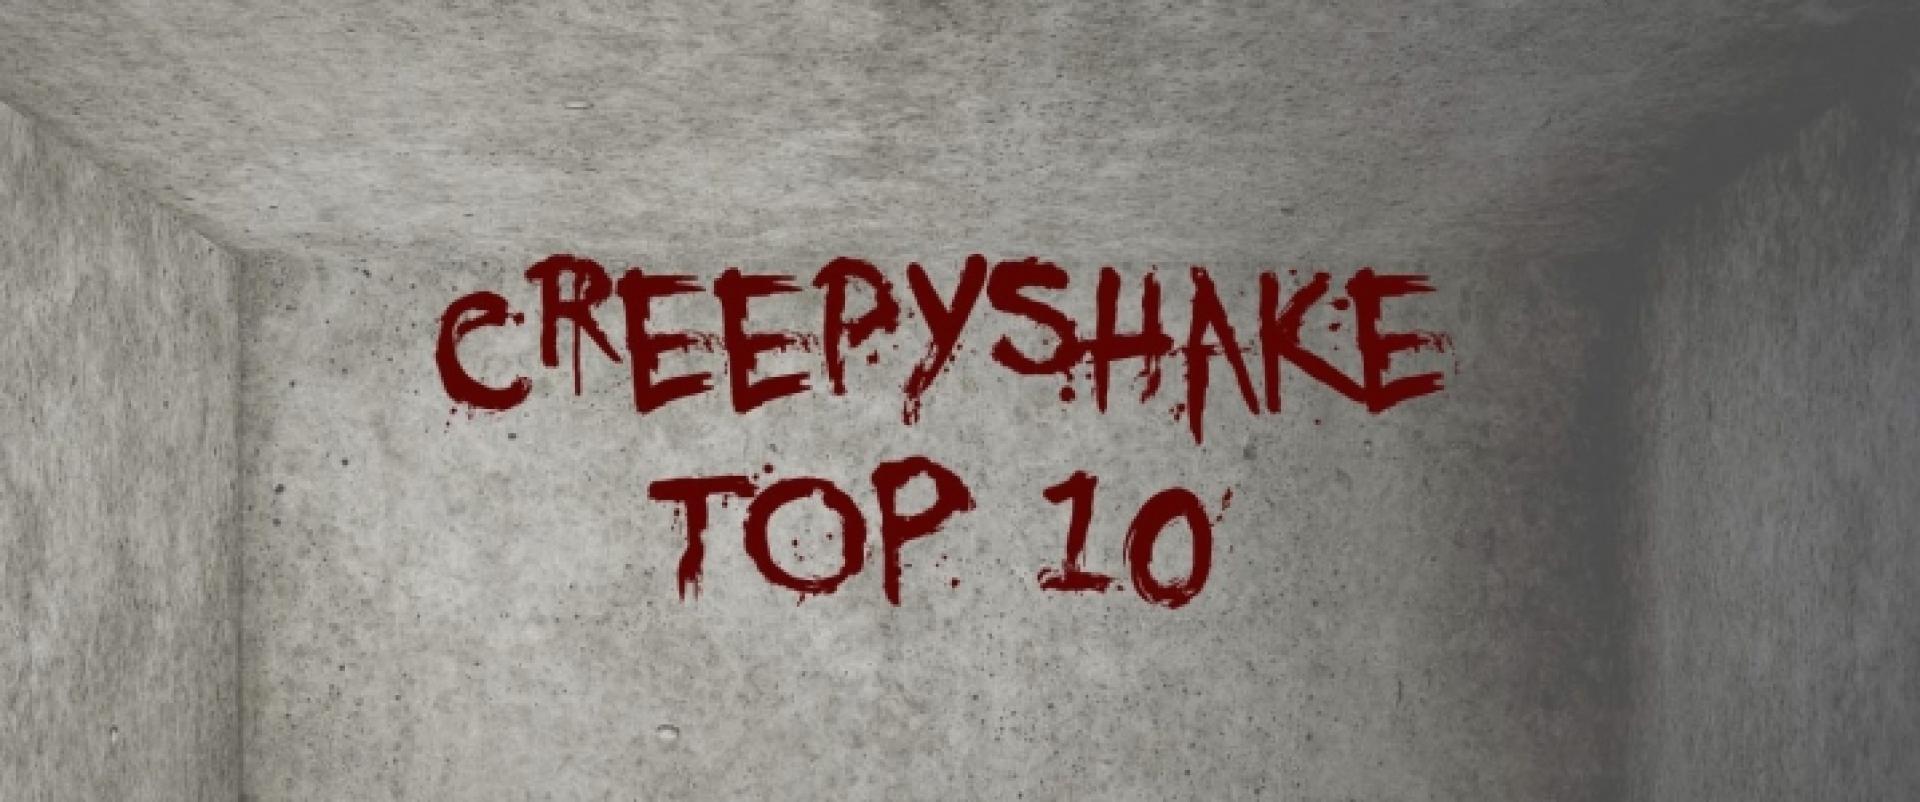 Szerkesztői top 10 (V.)